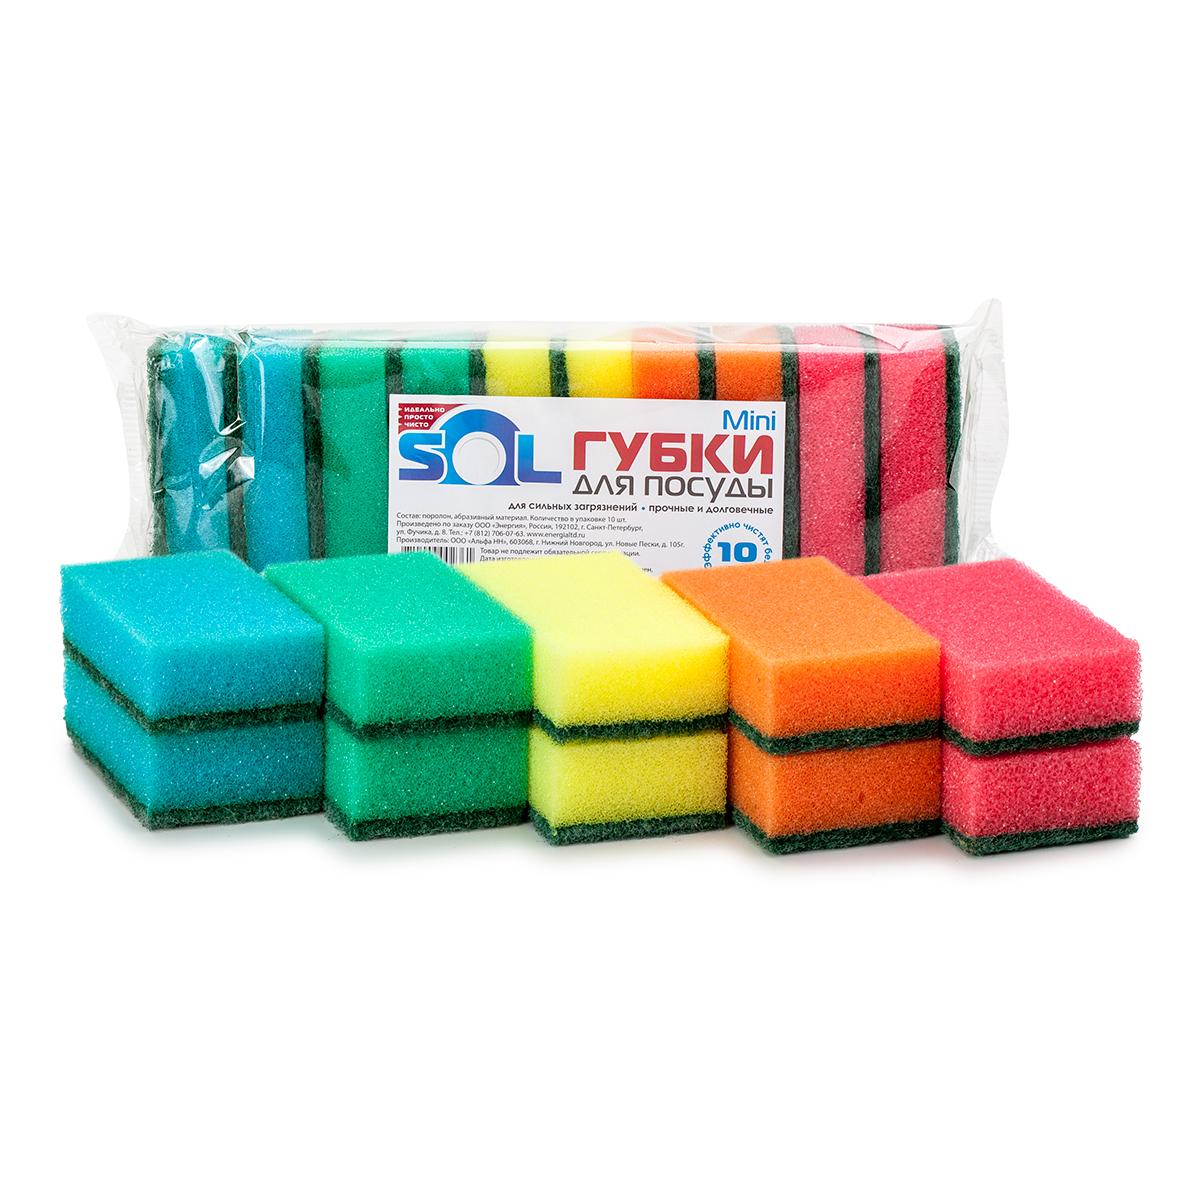 Губка для мытья посуды Sol Mini, 10 шт10023Губки Sol Mini предназначены для мытья посуды и других поверхностей. Выполнены из поролона и абразивного материала. Мягкий слой используется для деликатной чистки и способствует образованию пены, жесткий - для сильных загрязнений. В комплекте 10 губок разного цвета.